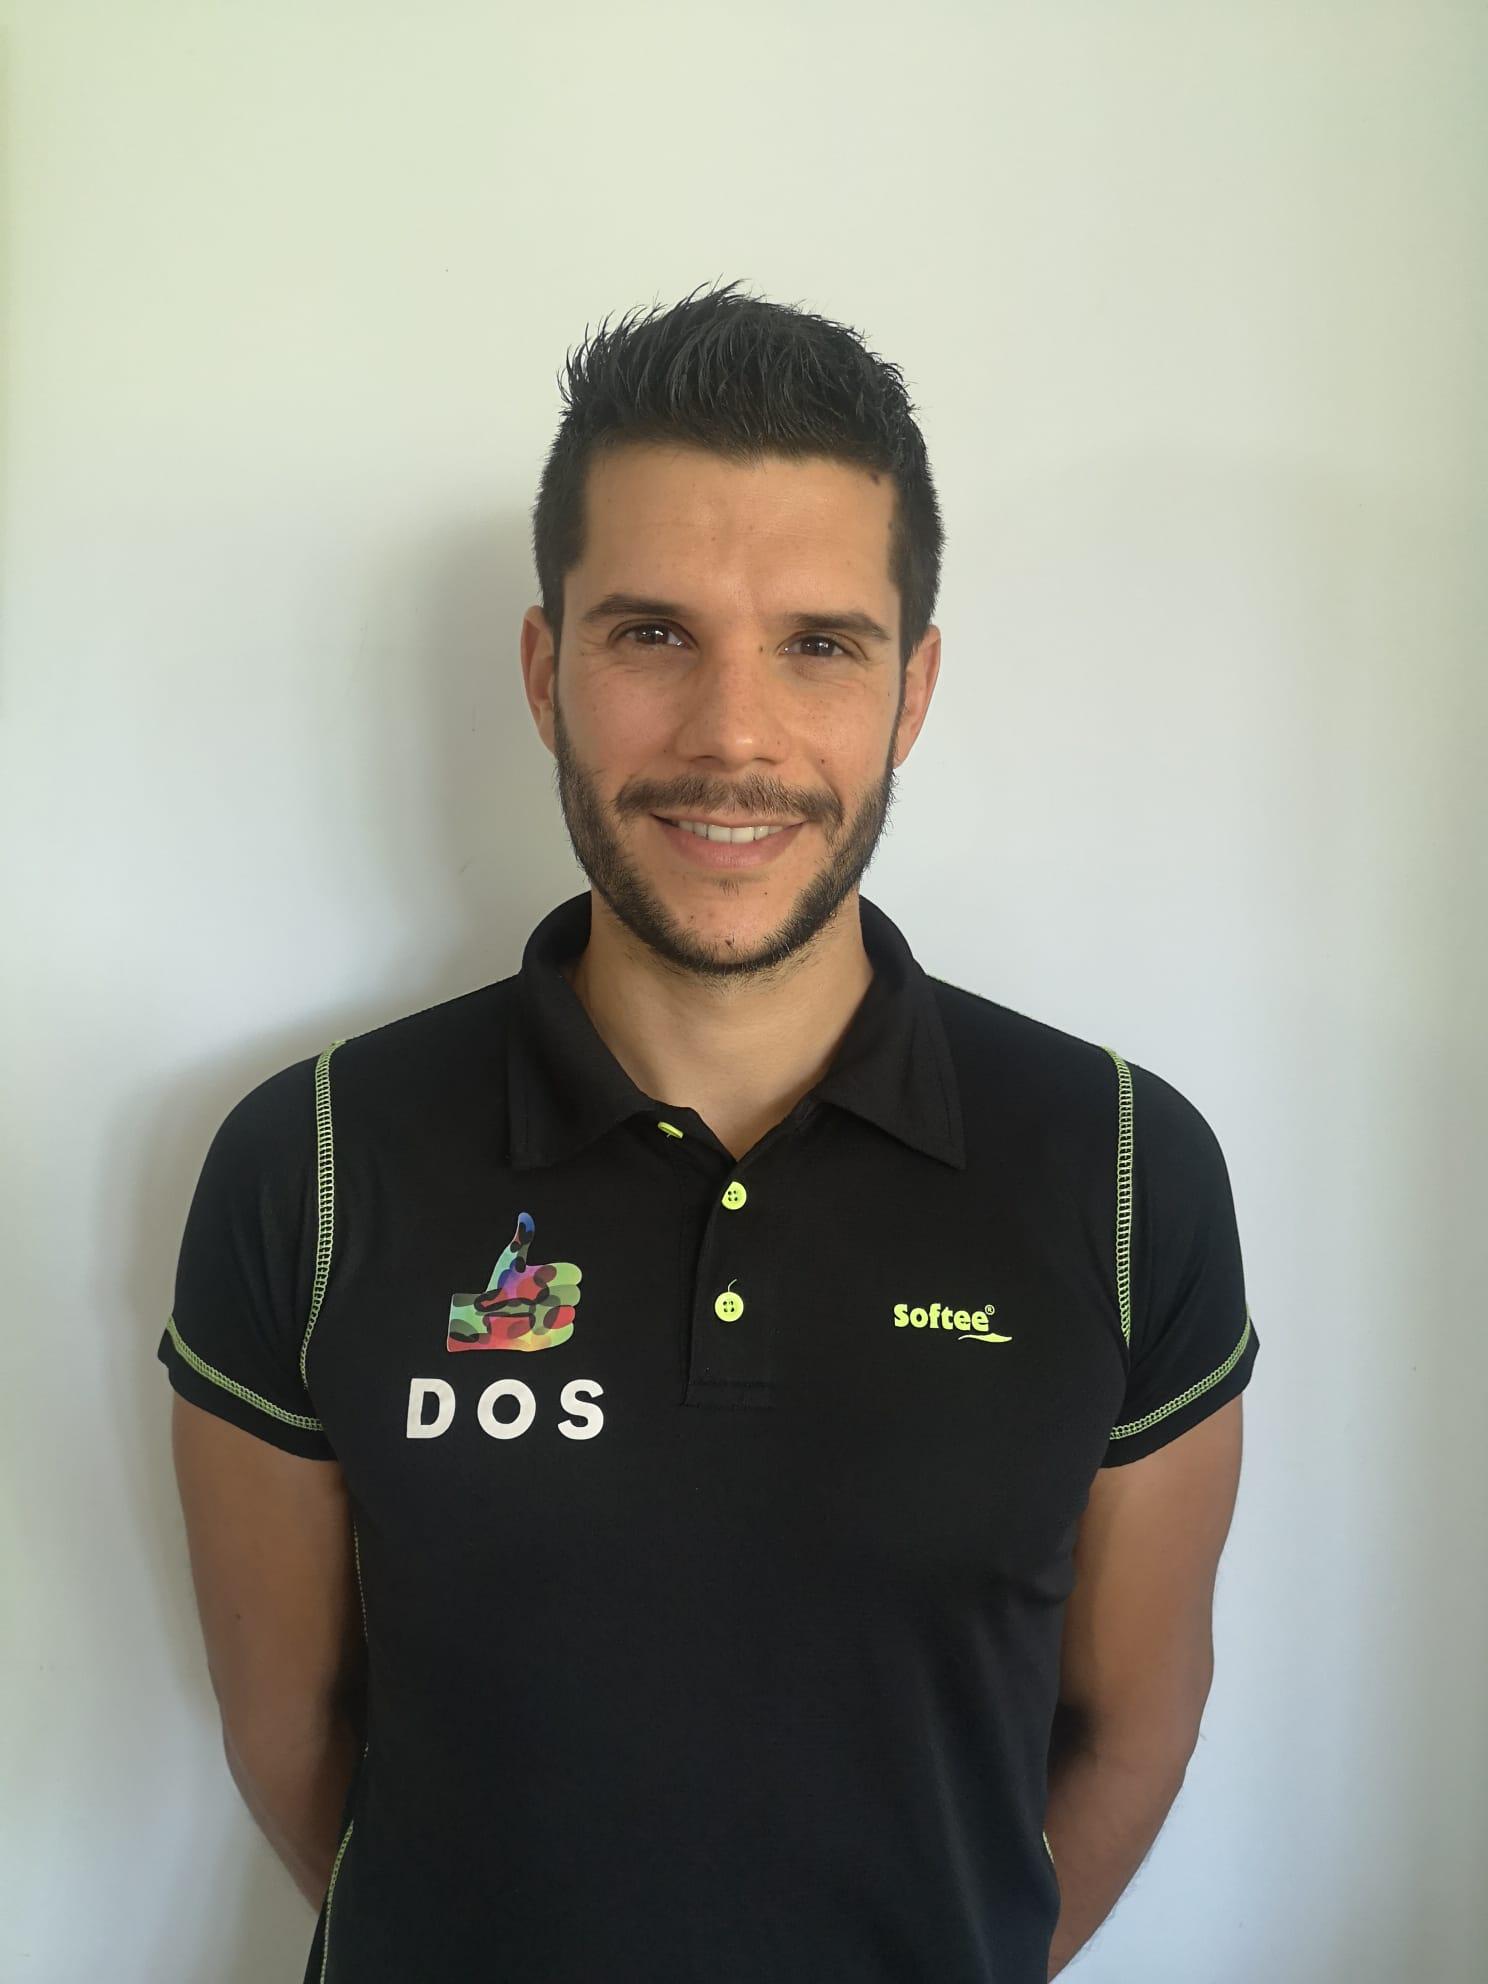 Bernat Delgado Villalba